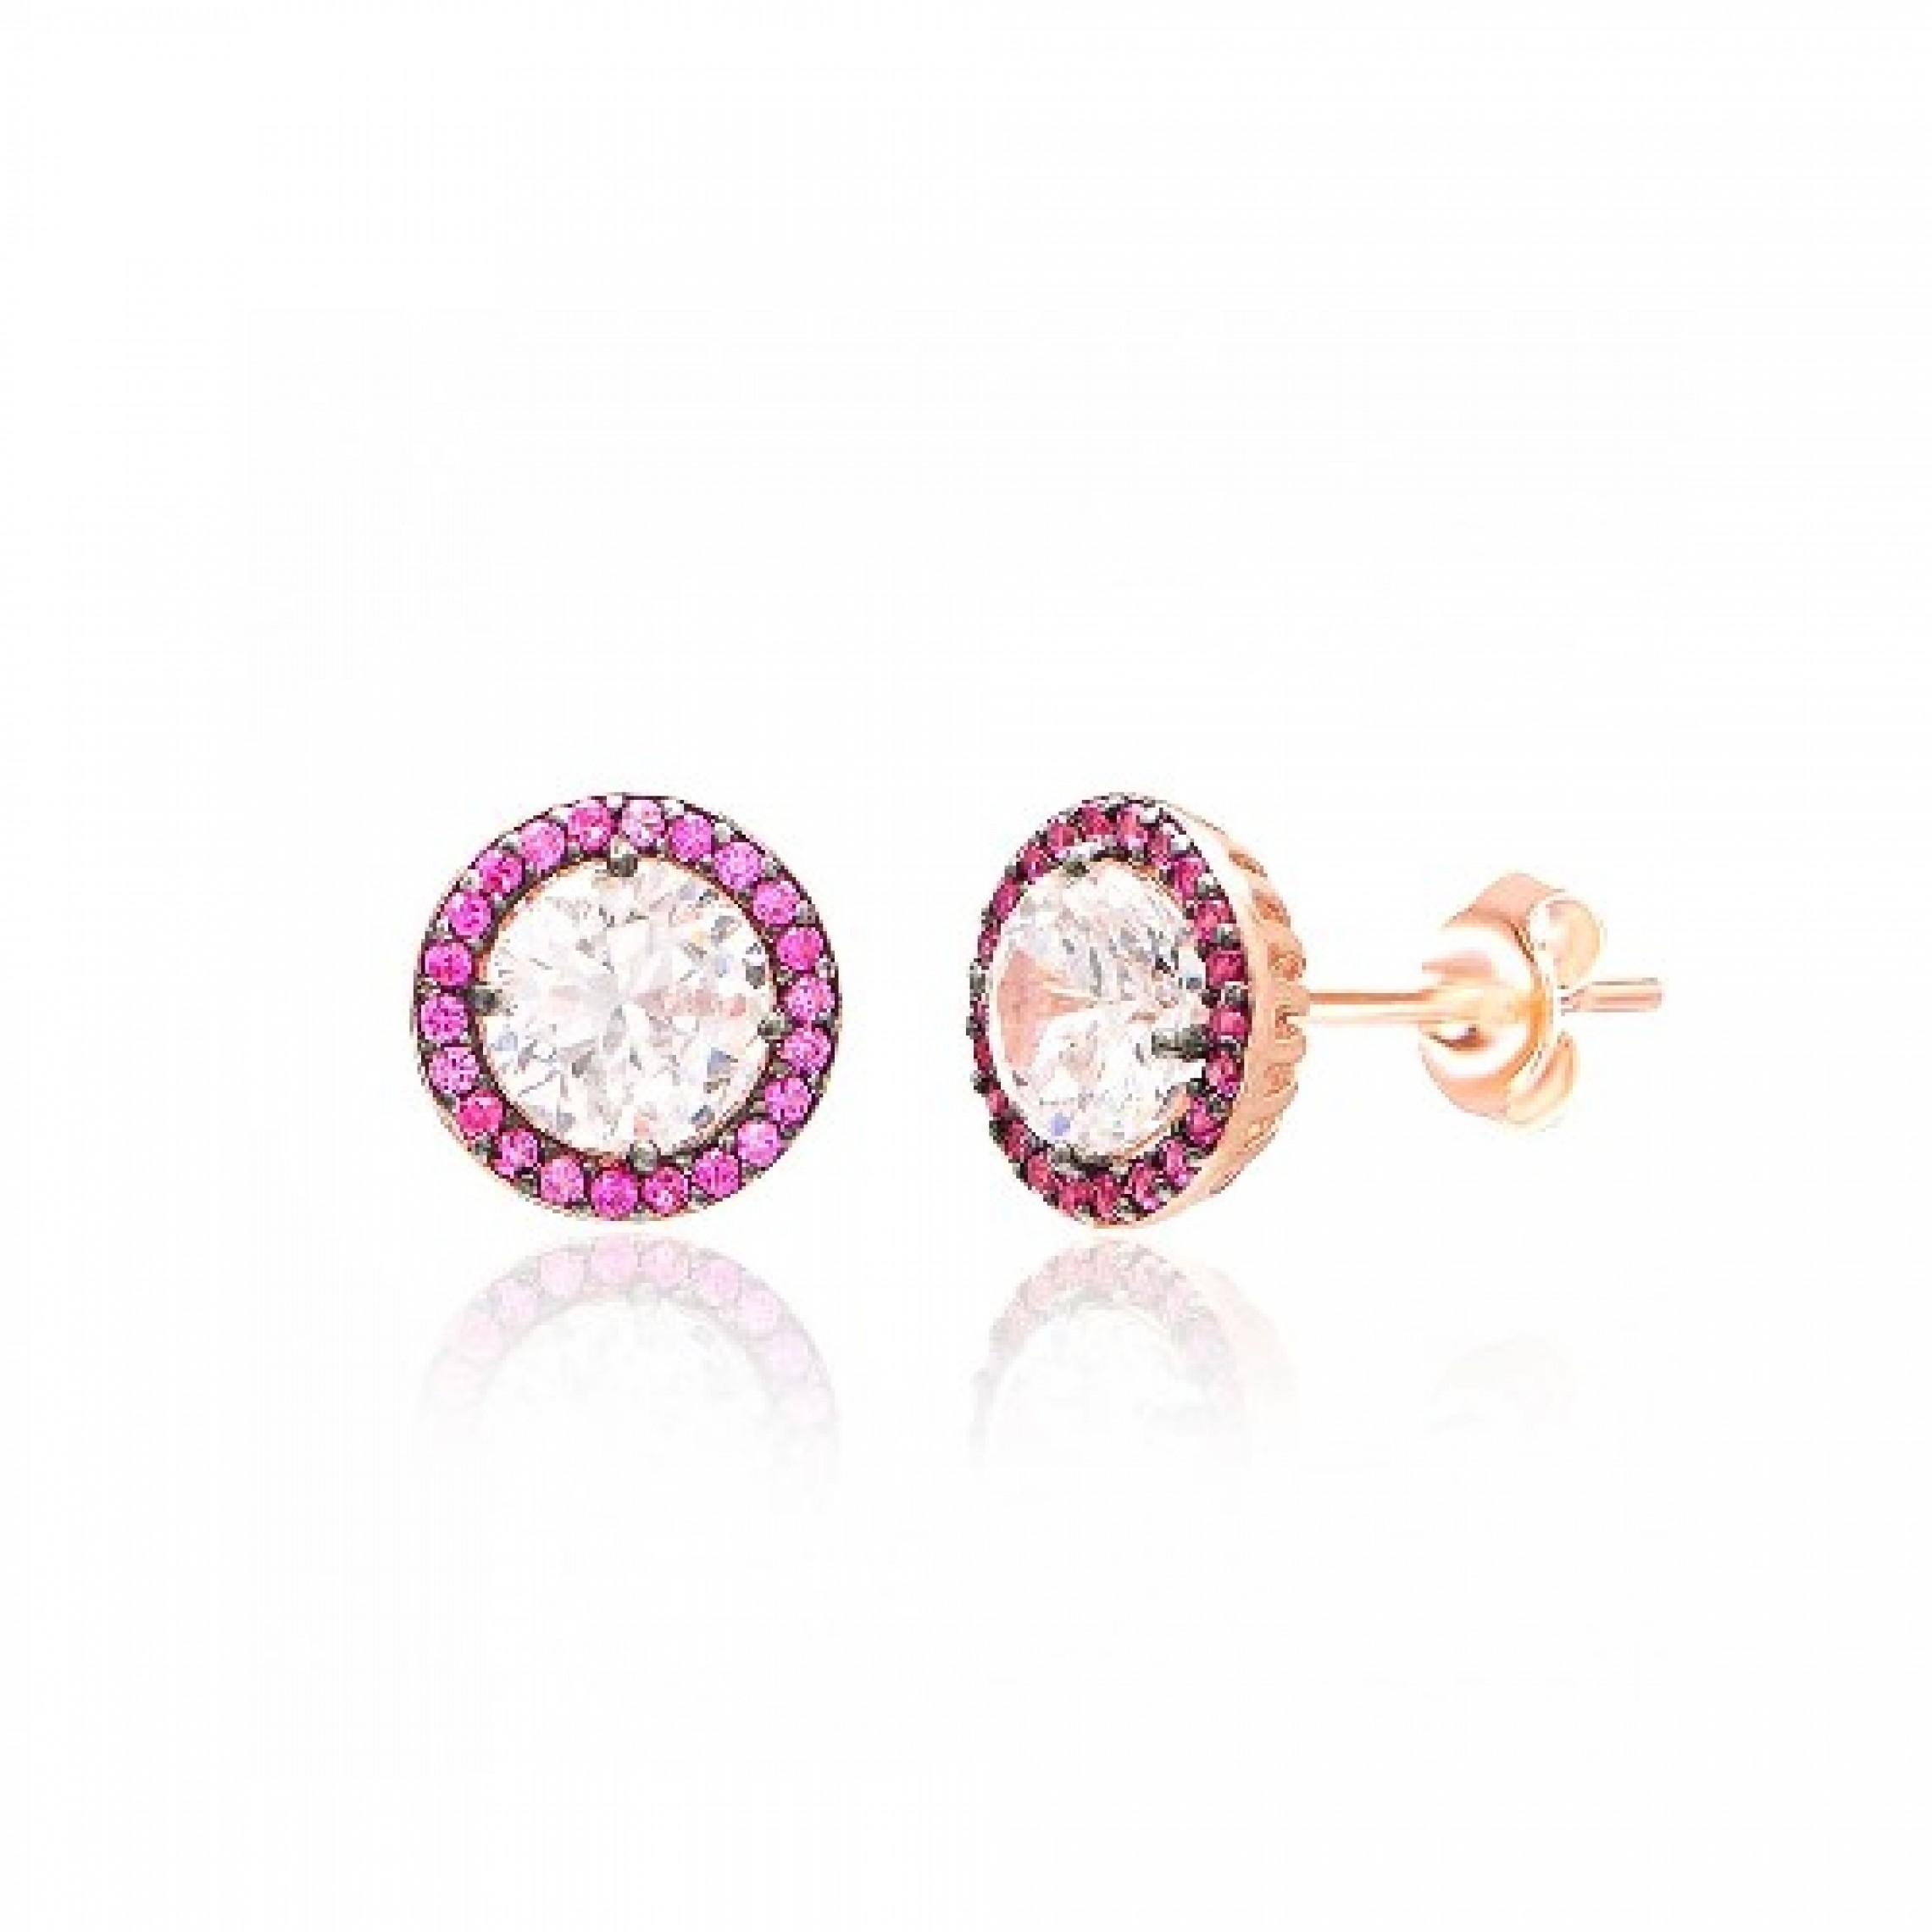 JE-210055 Evil Eye 925 Sterling Silver CZ Earrings